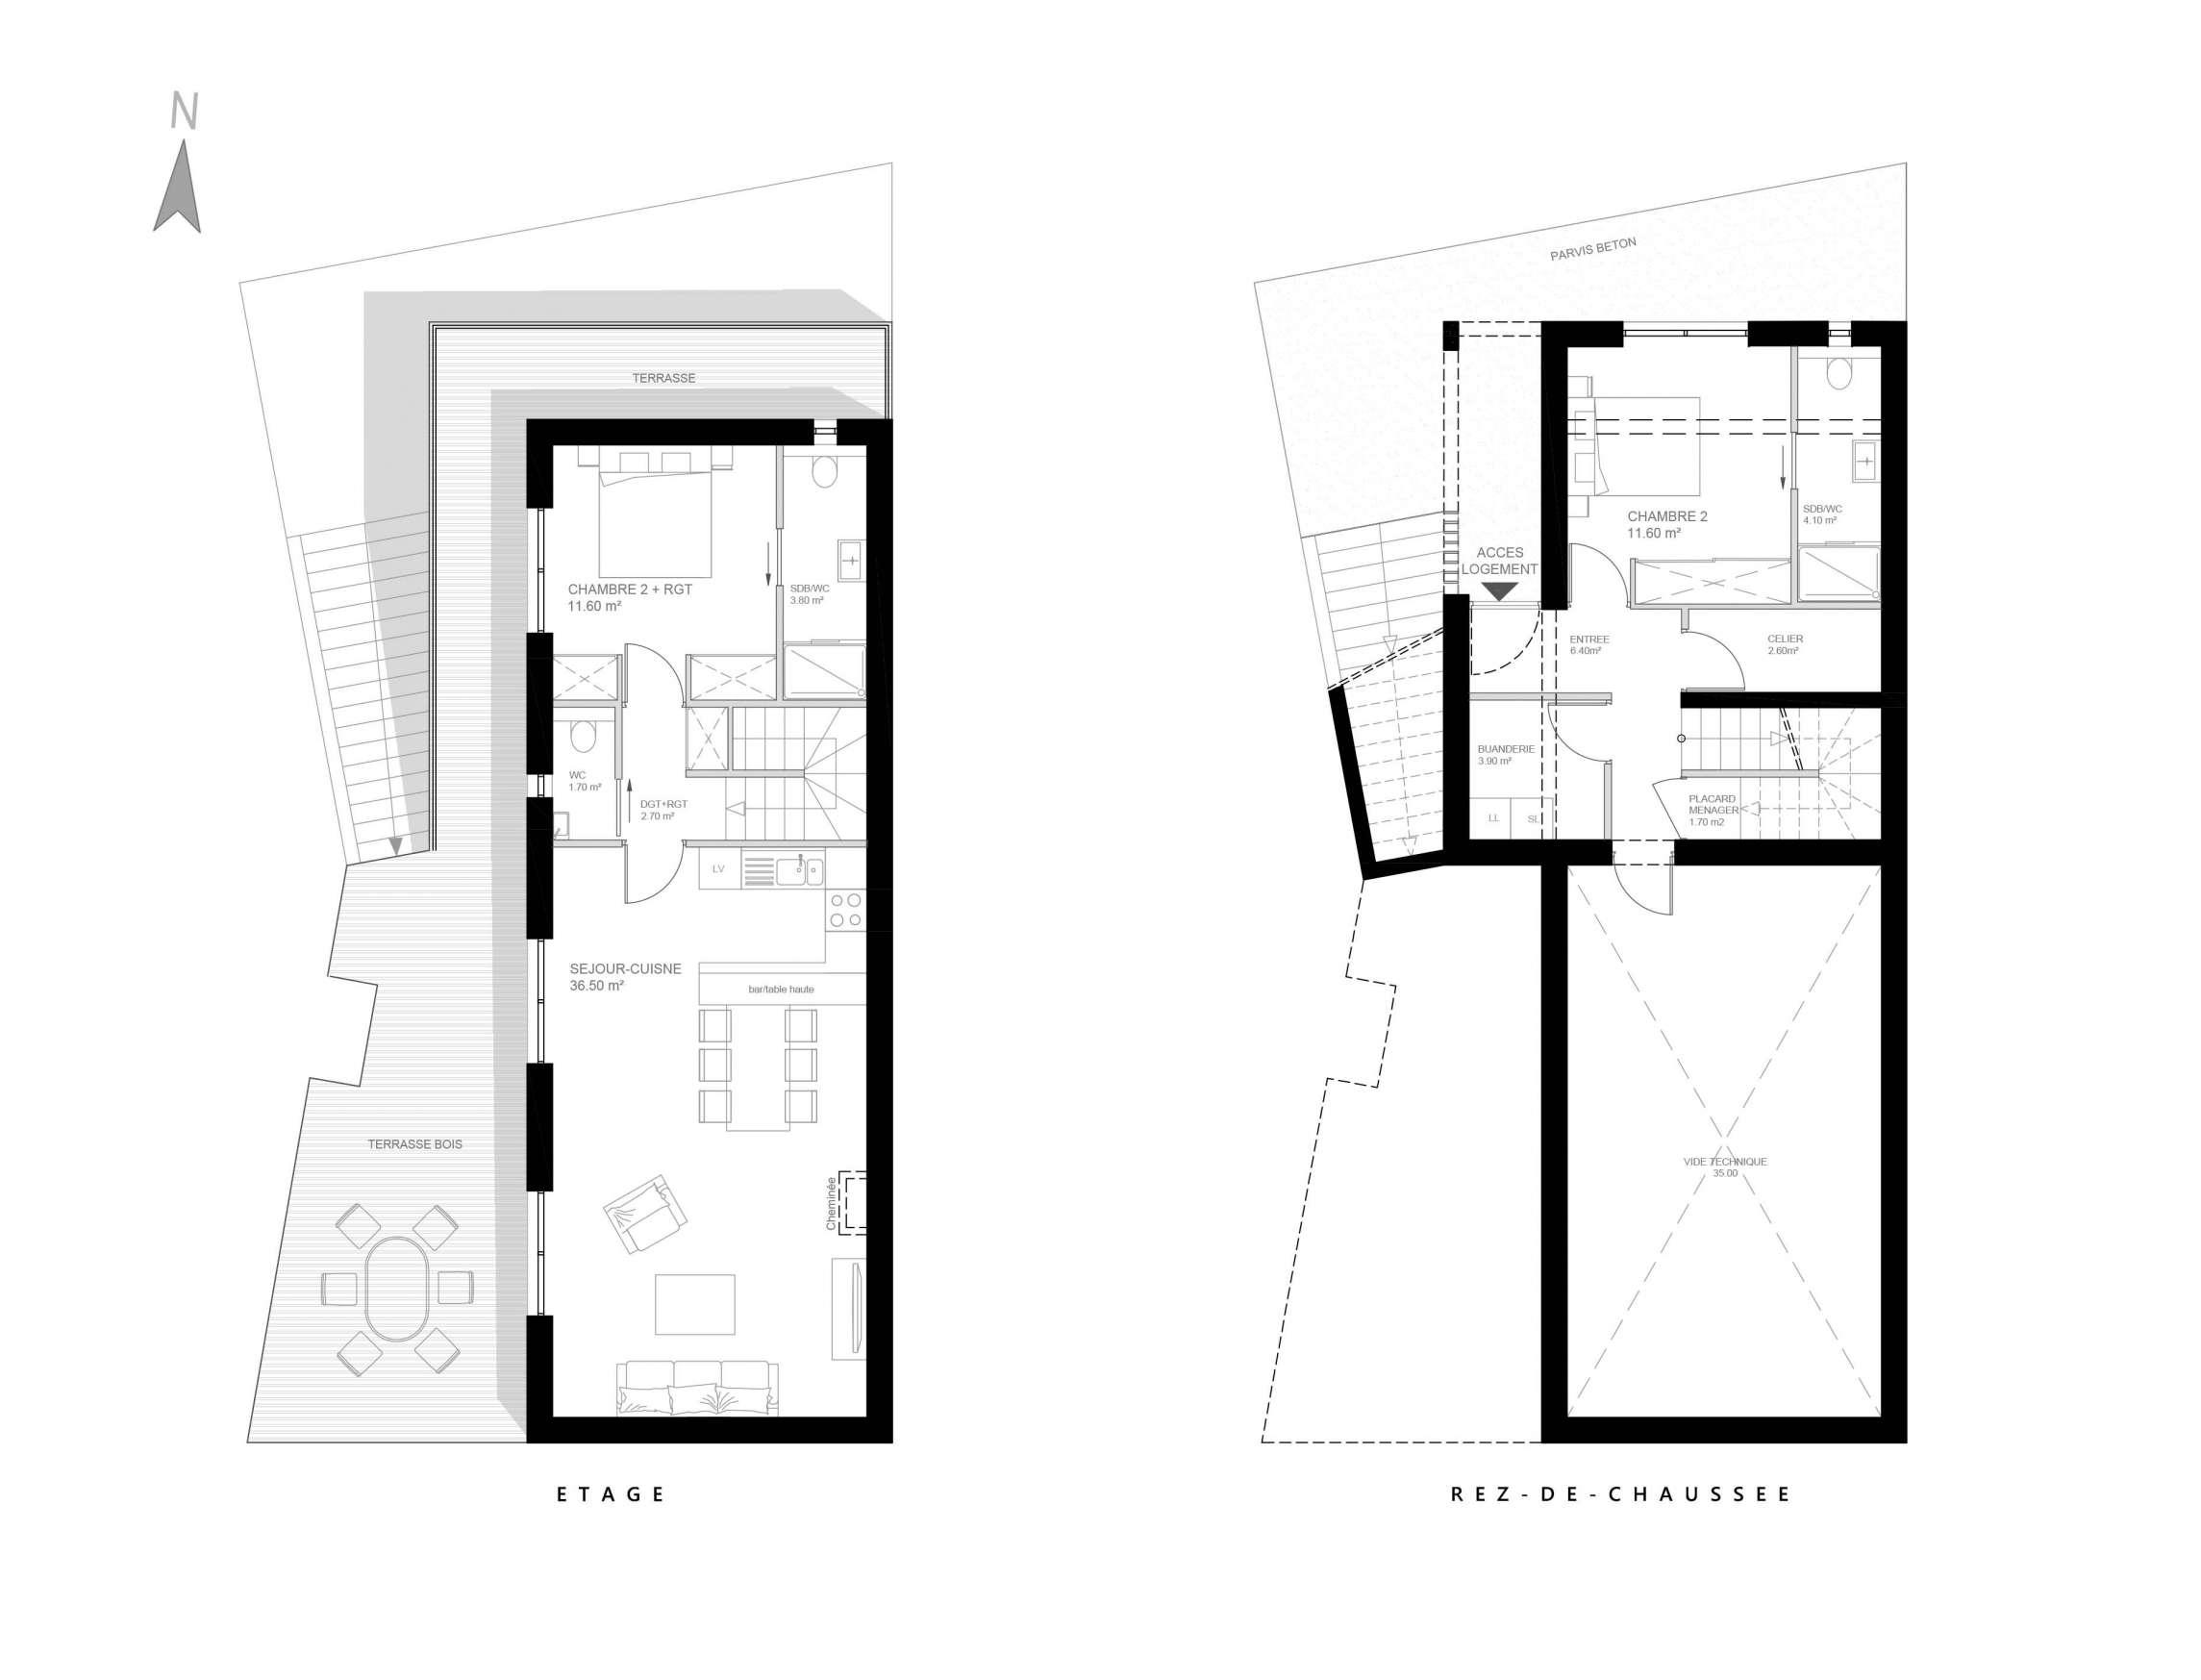 Plans du rez-de-chaussée et de l'étage